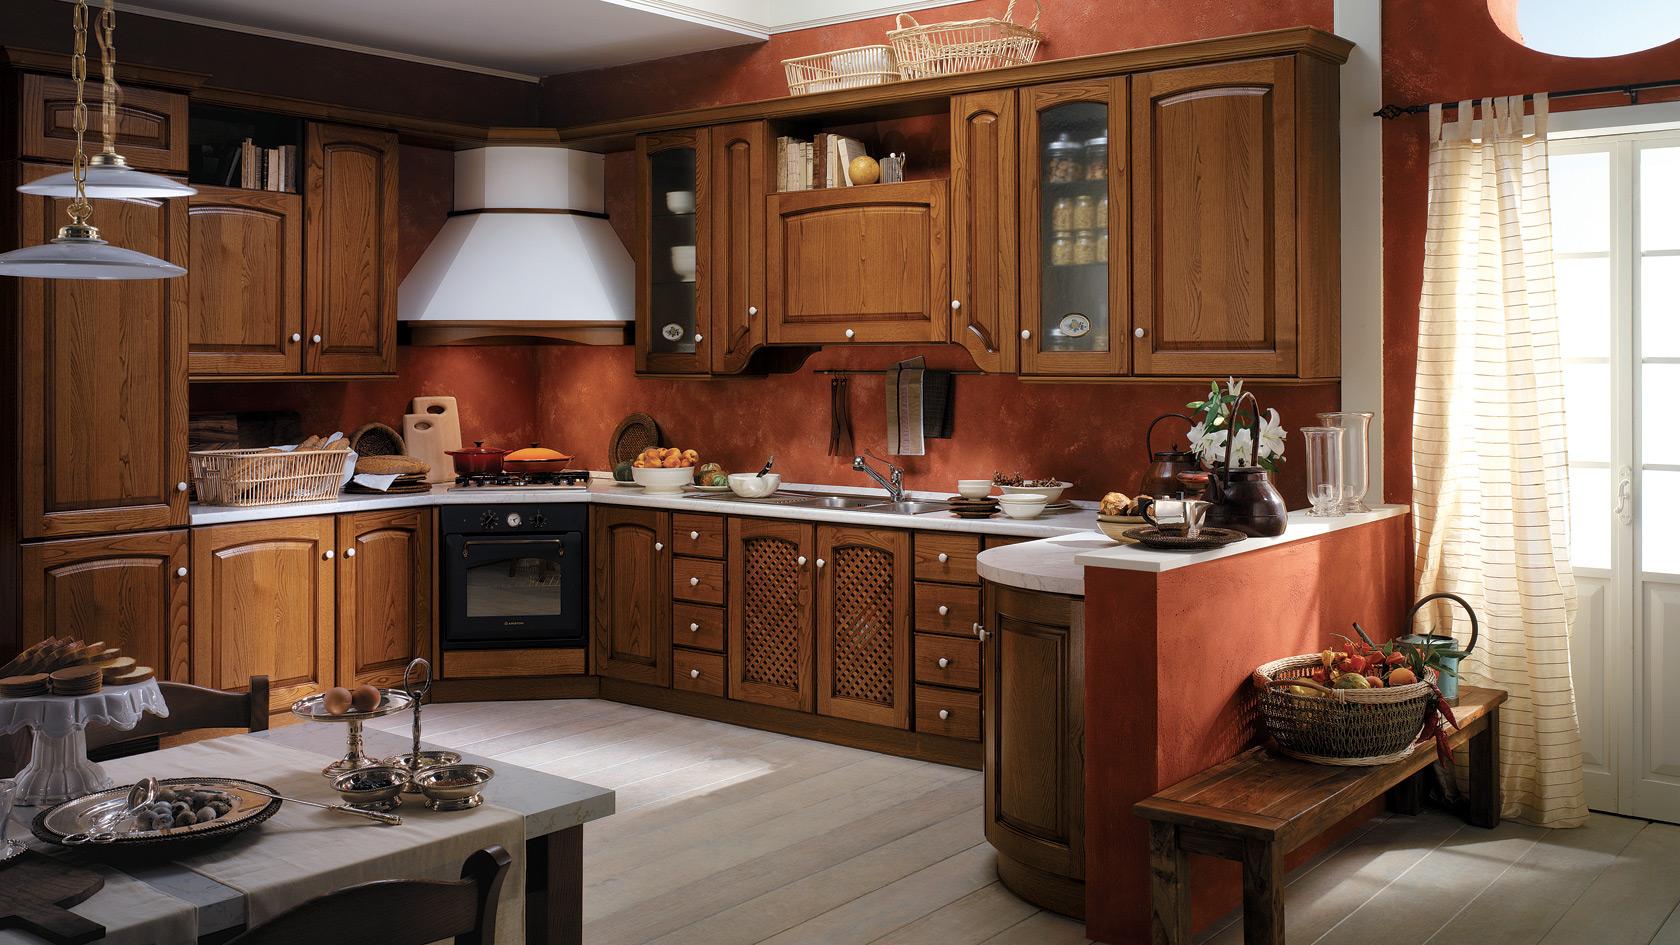 Rivestimenti Per Cucine In Muratura: Cucina in muratura rustica ...